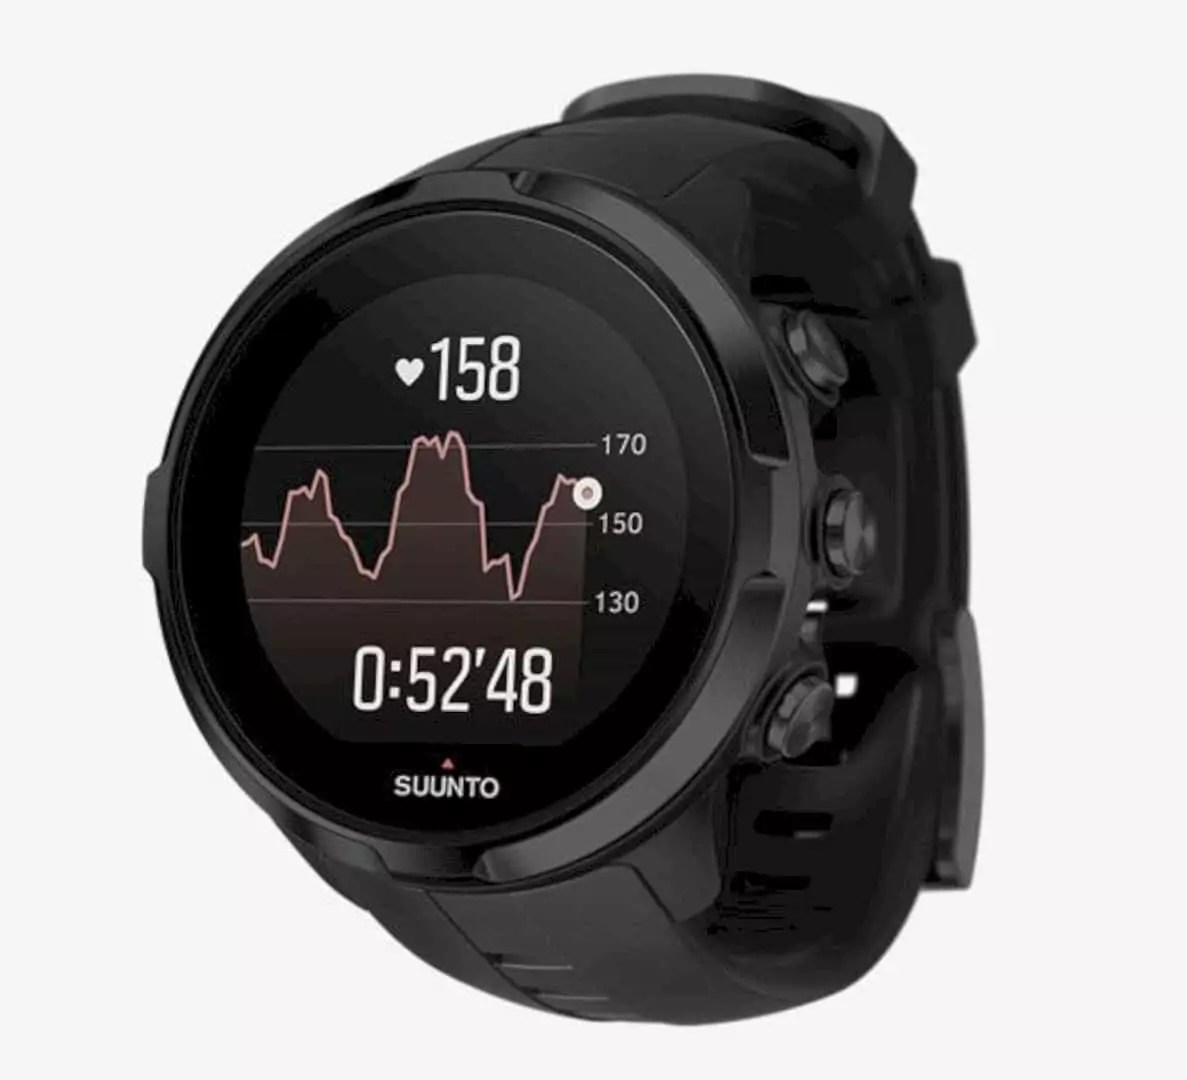 Suunto Spartan Sport Wrist HR: Robust Multisport GPS Watch